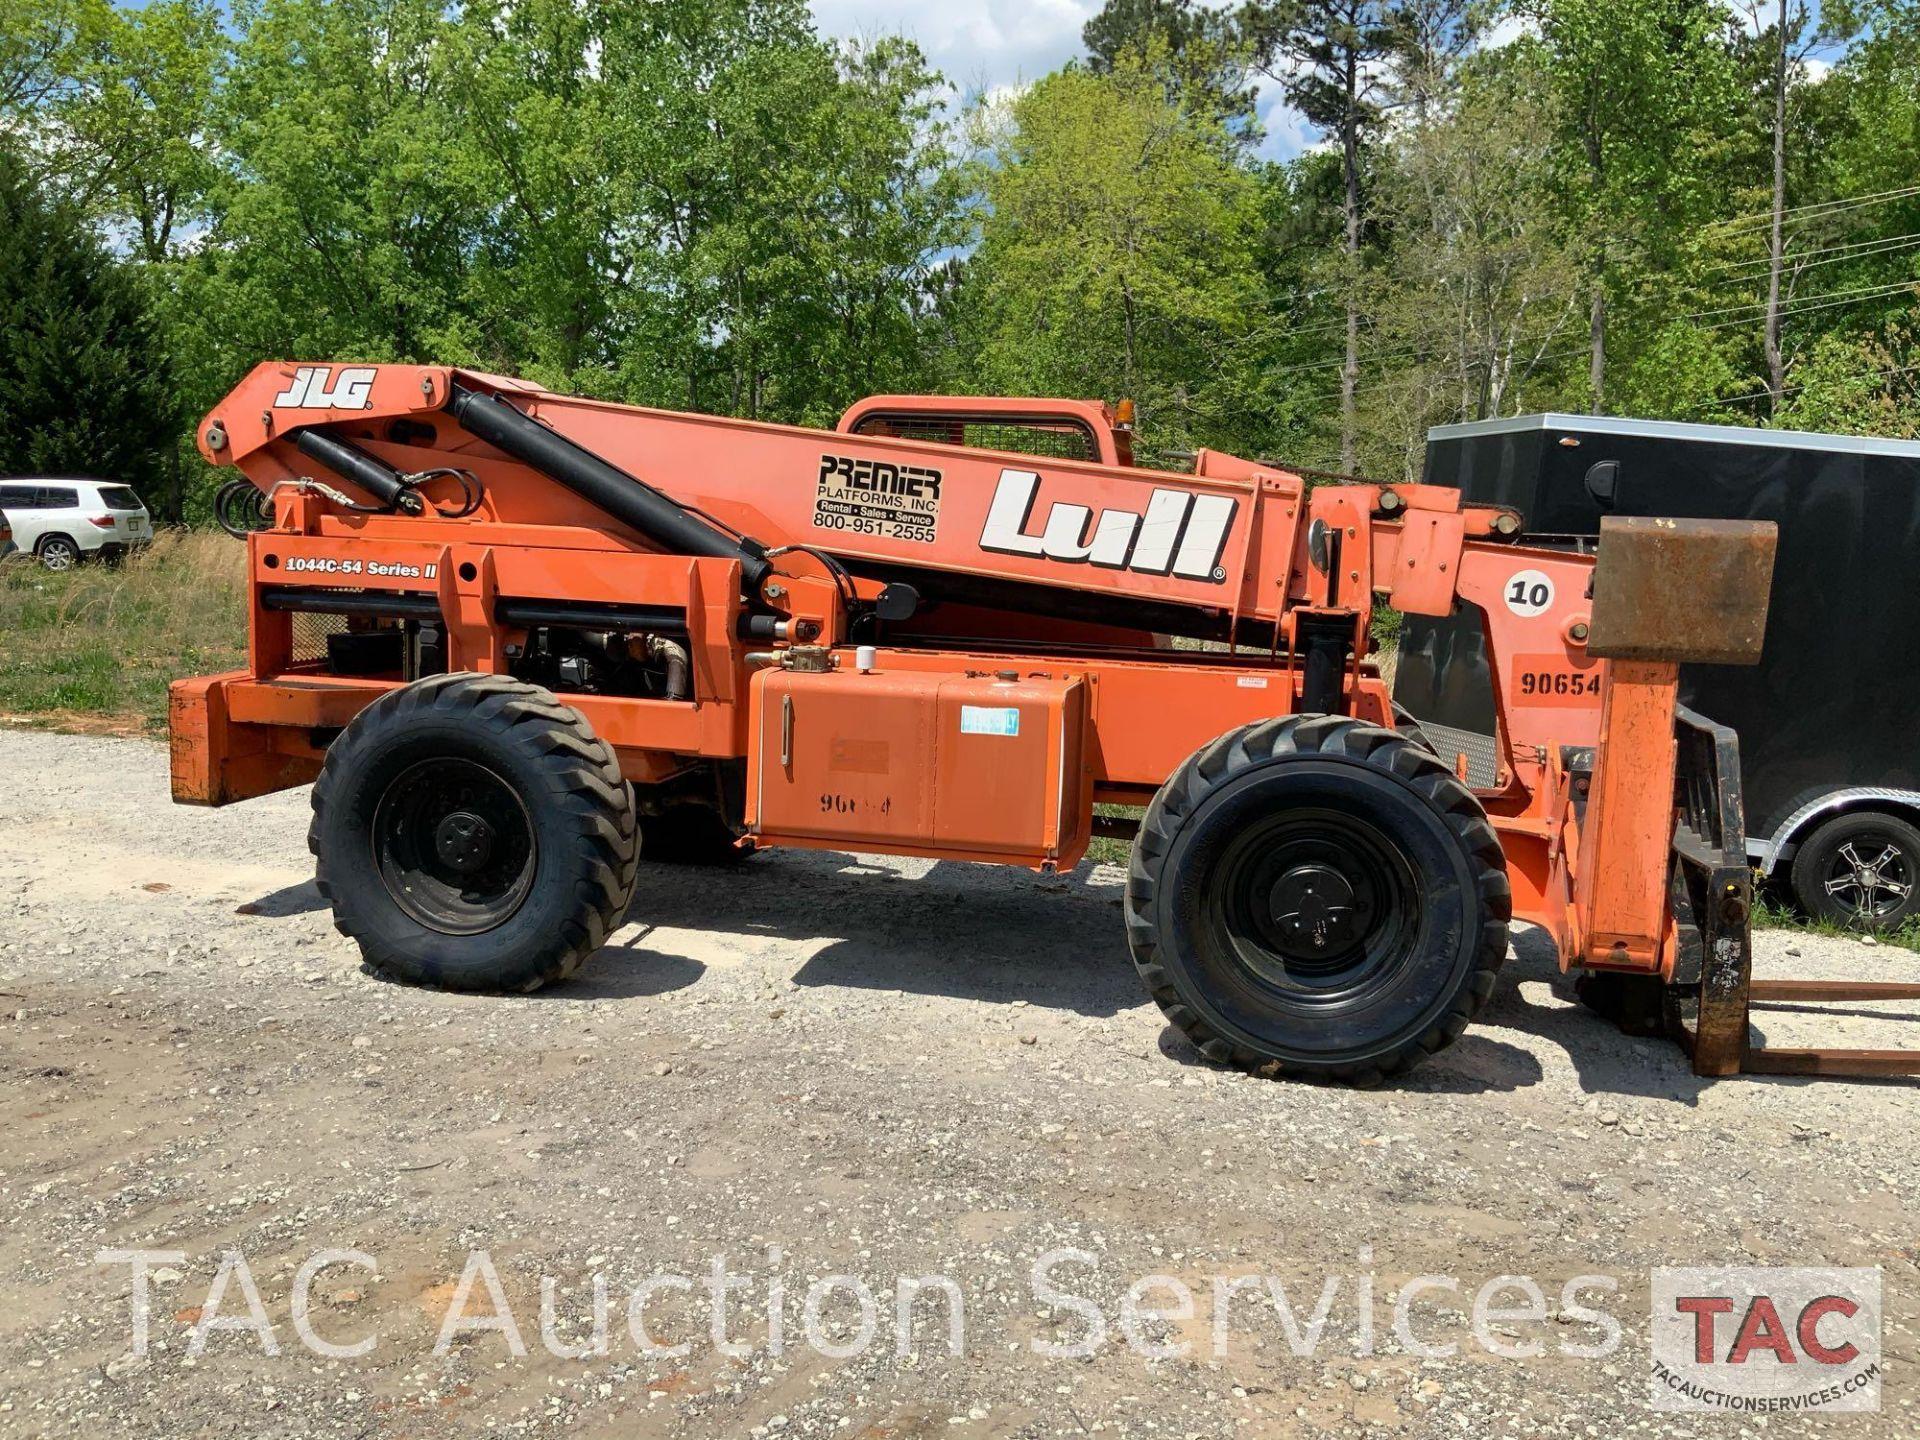 2007 JLG LULL Telehander Forklift - Image 11 of 25